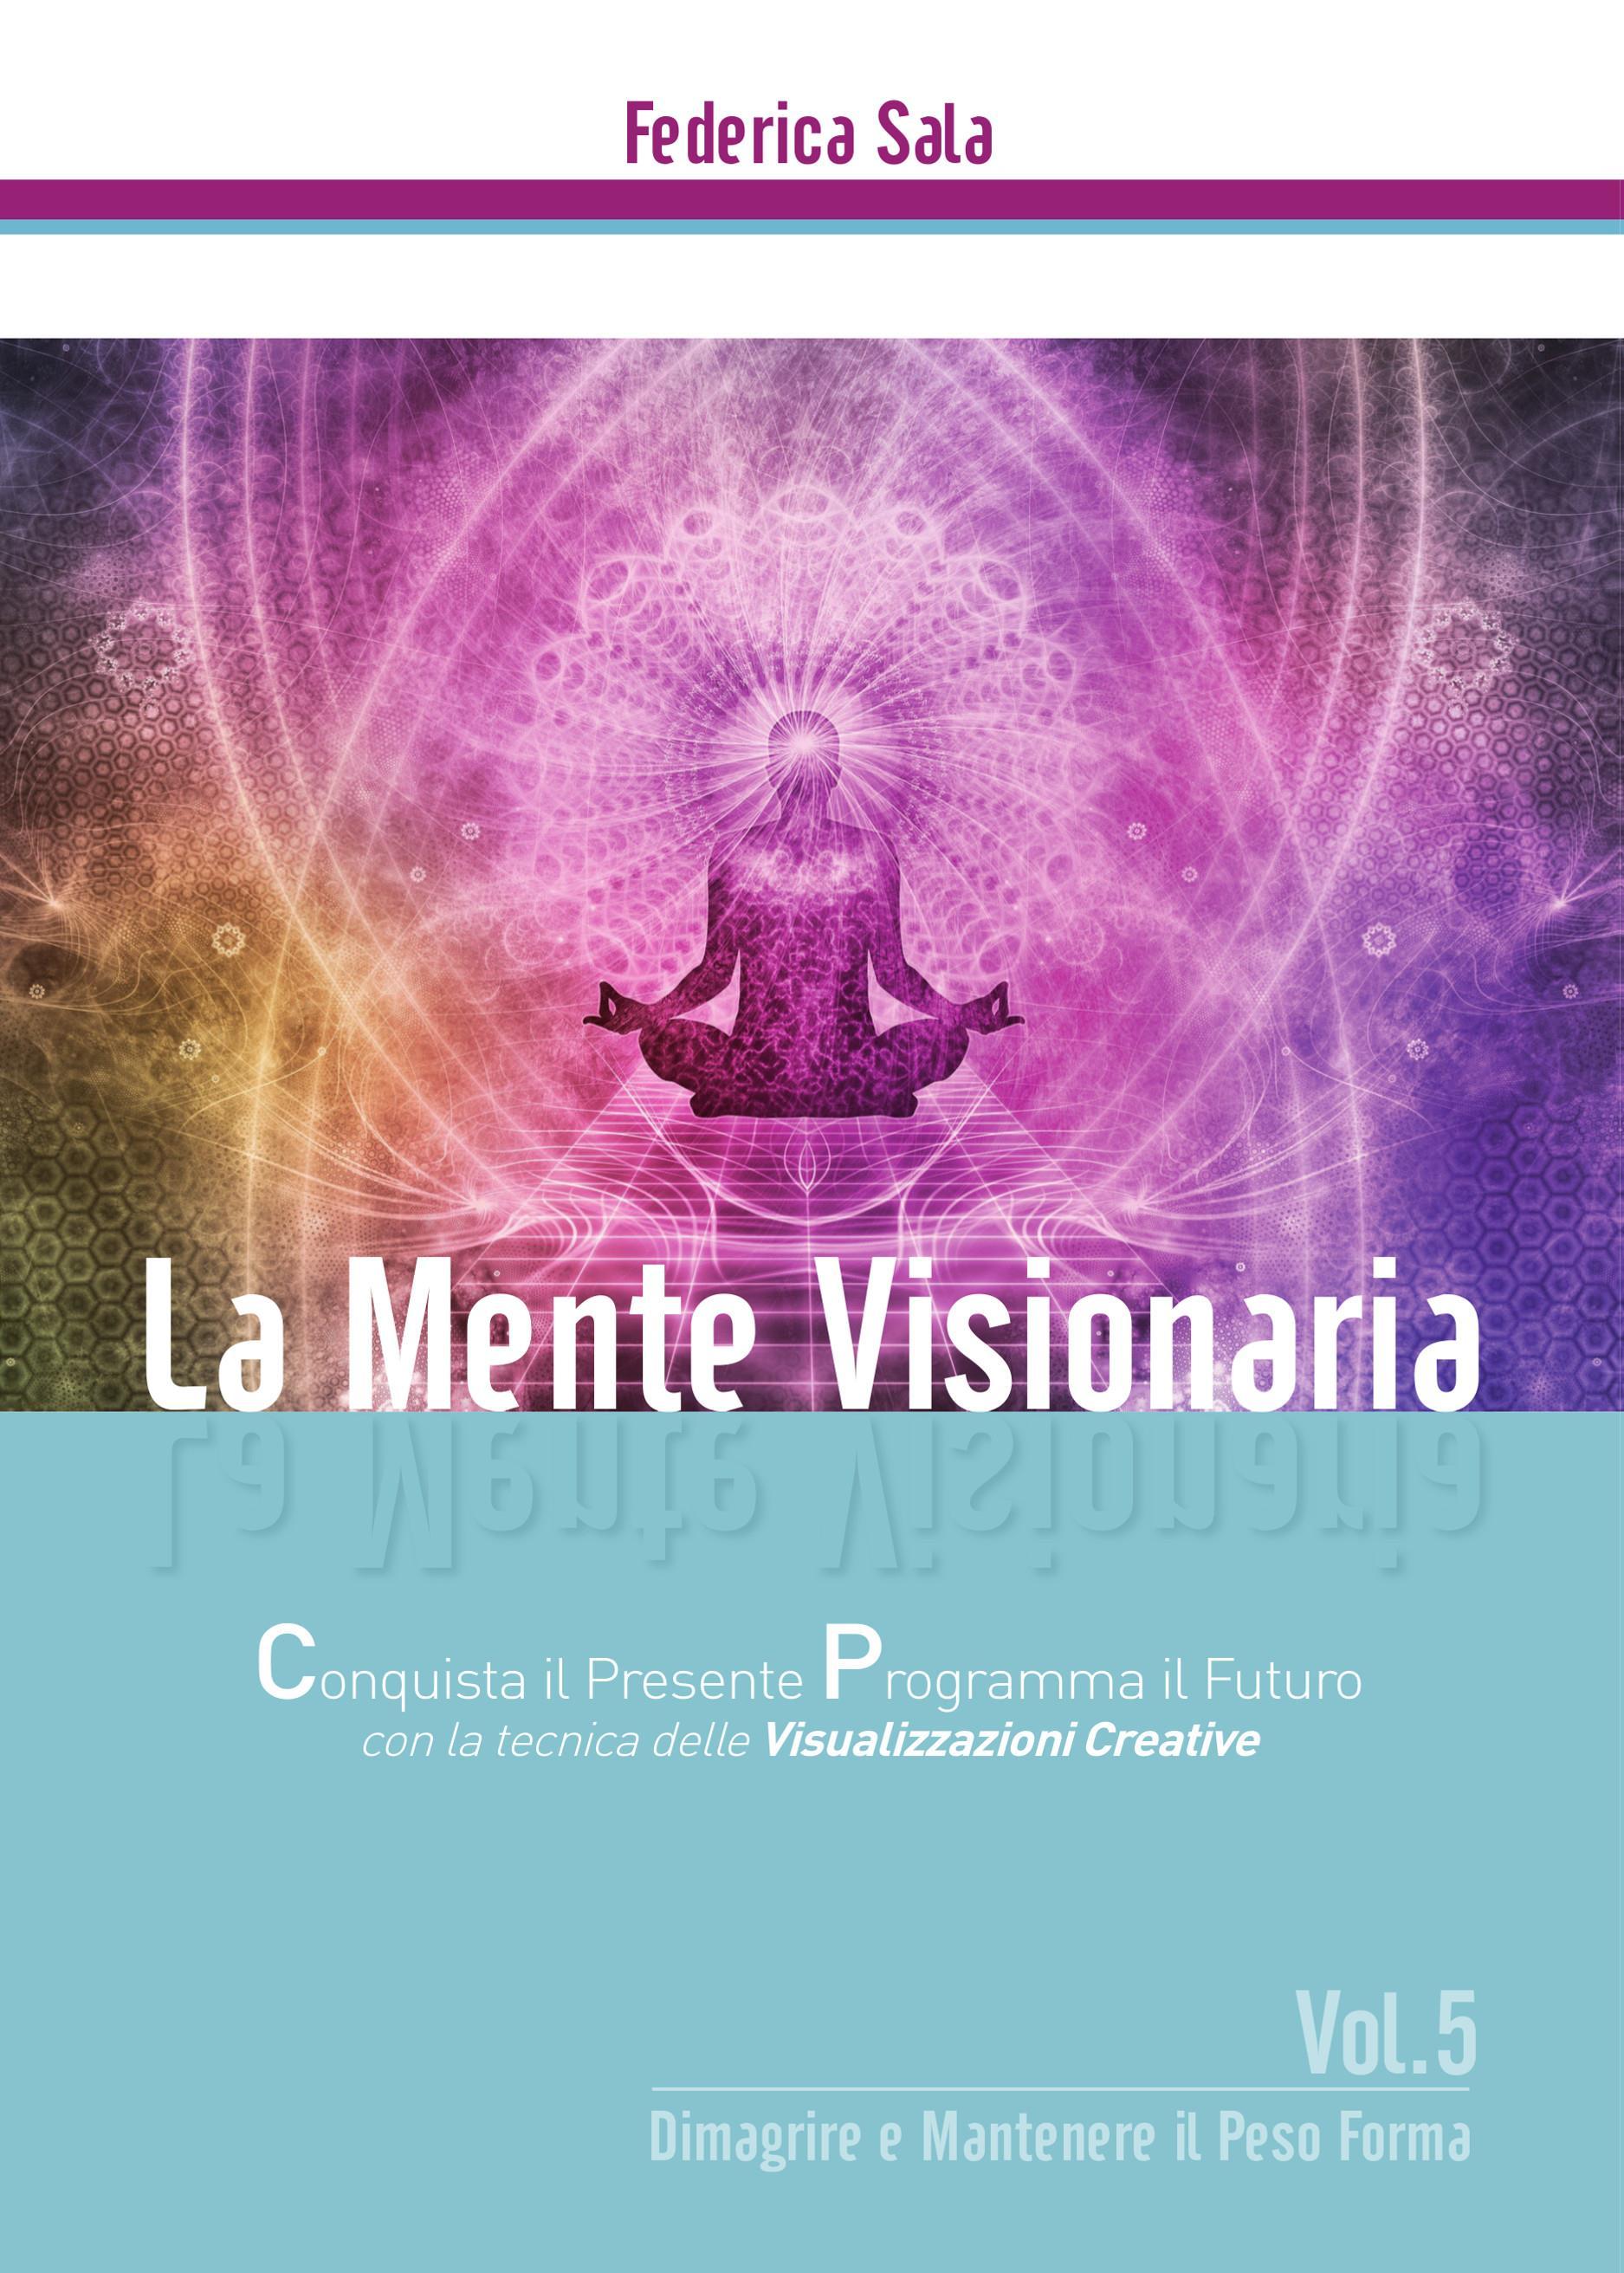 La Mente Visionaria Vol.5 Dimagrire & Mantenere il Peso Forma